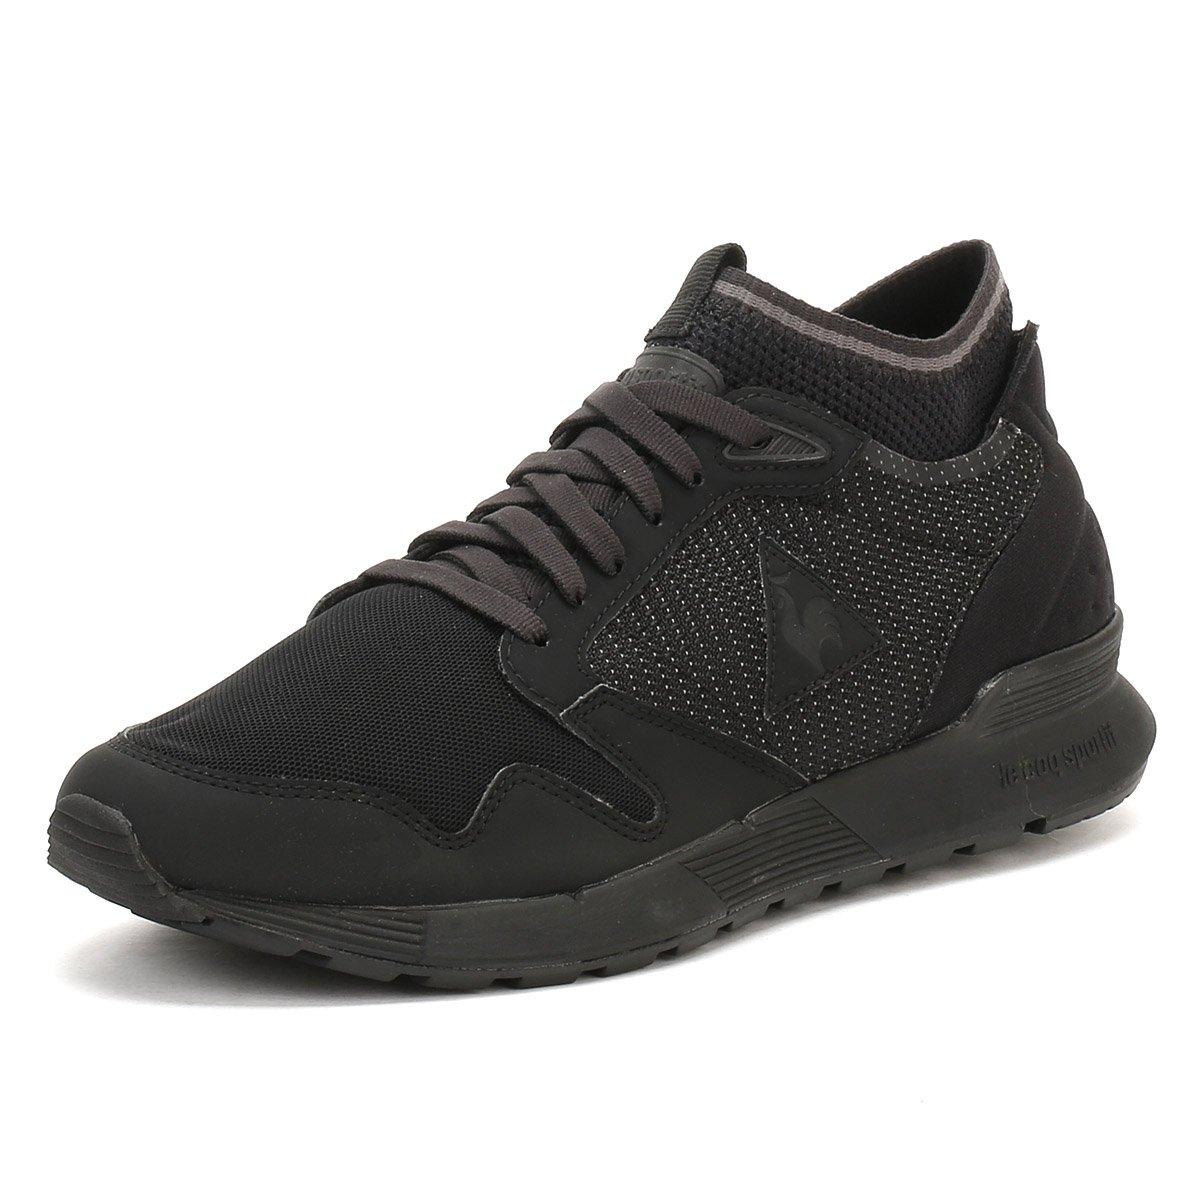 6fd197c99ccb Le Coq Sportif Mens Triple Black Omicron Trainers  Amazon.co.uk  Shoes    Bags